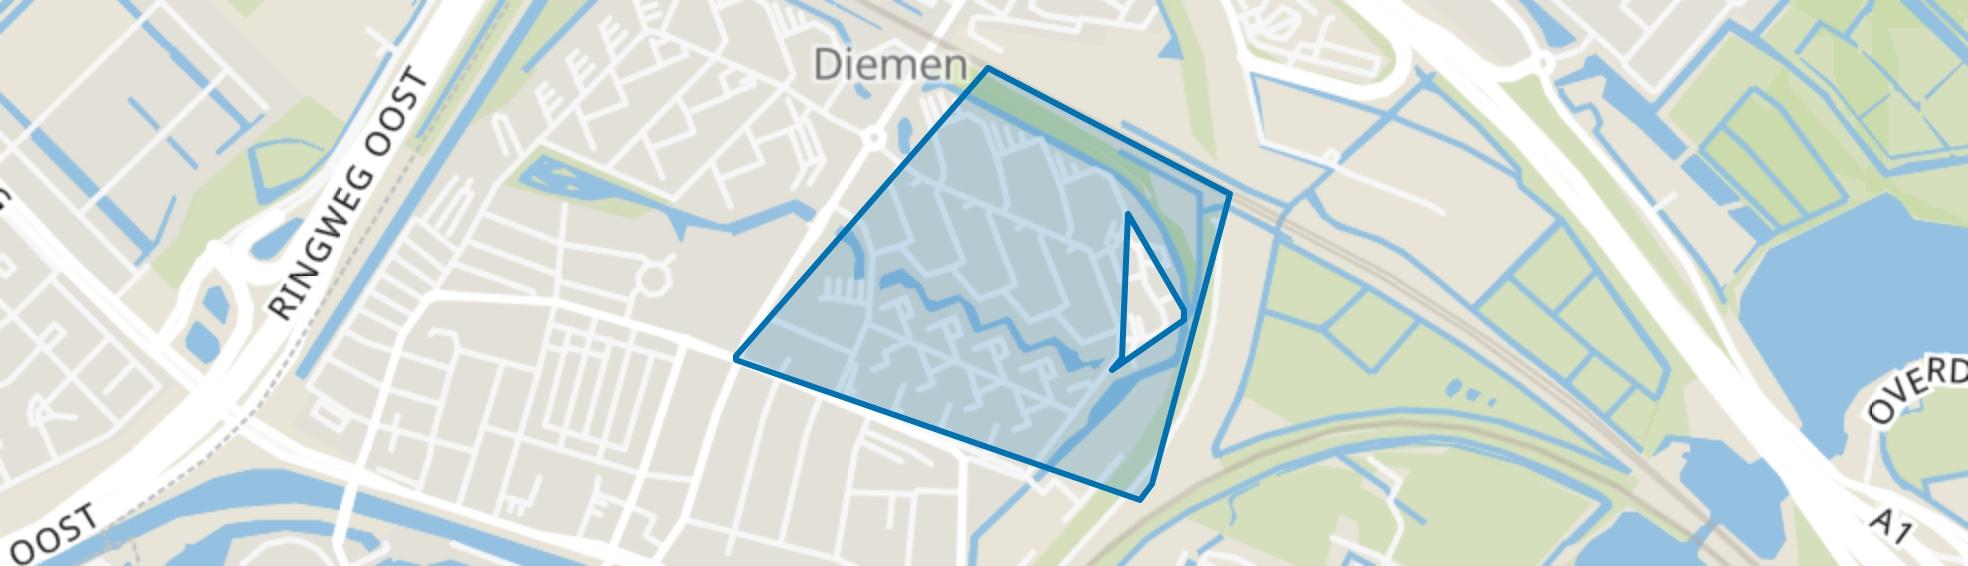 Ruimzicht Oost, Diemen map